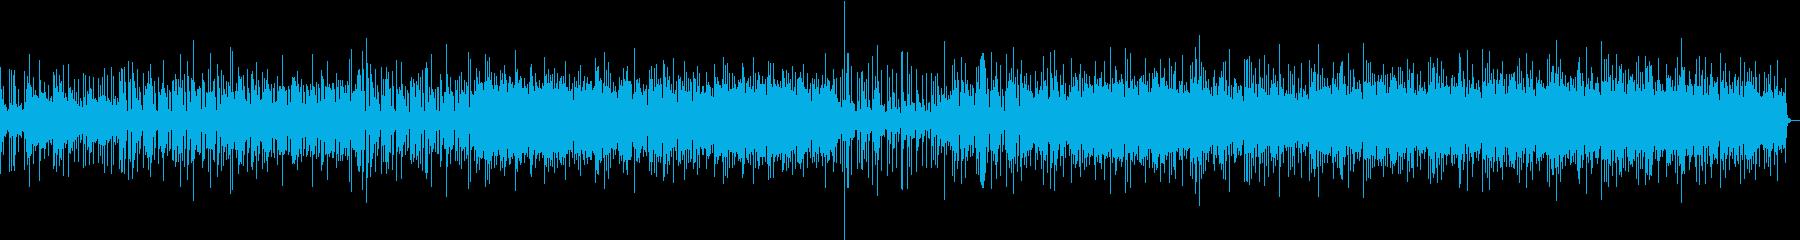 クールでダークなグルーブ感あるファンクの再生済みの波形